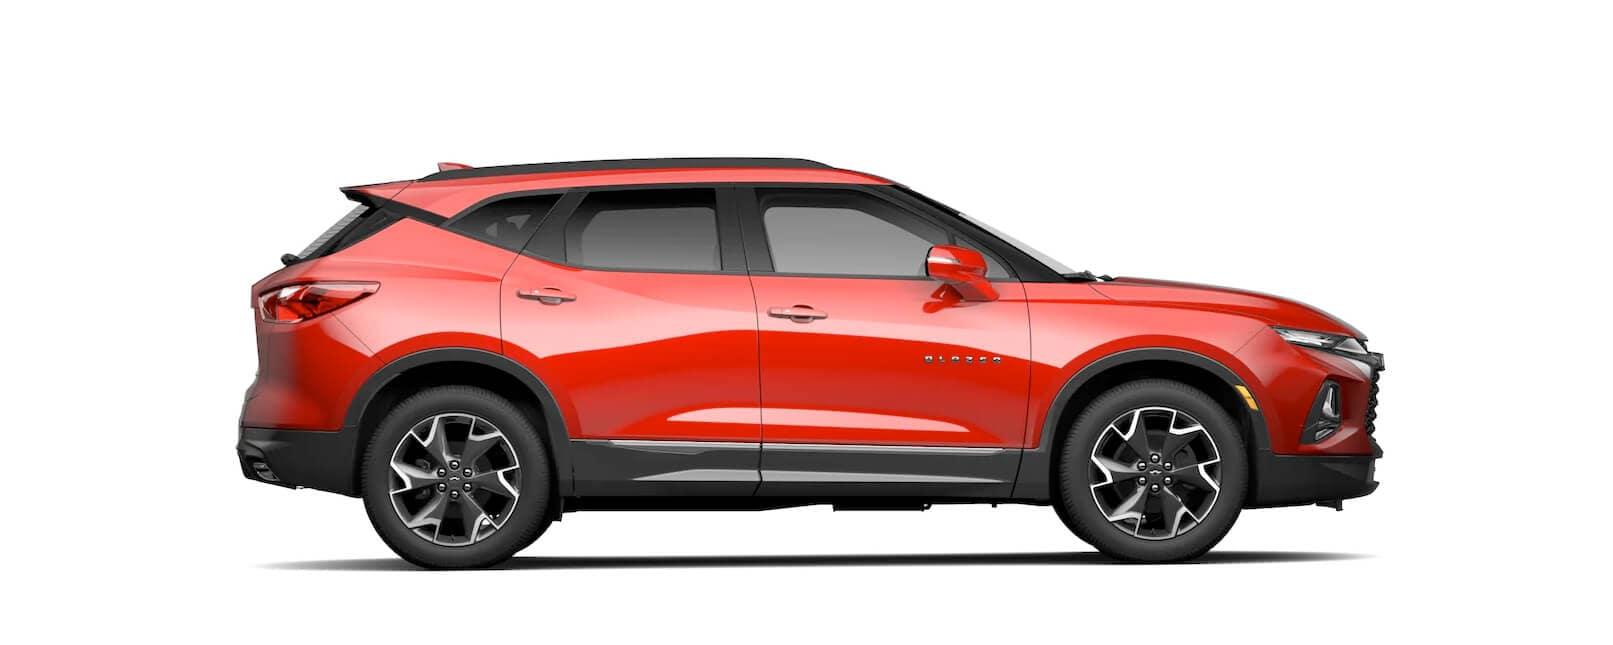 New Chevrolet Vehicles 2022 Blazer